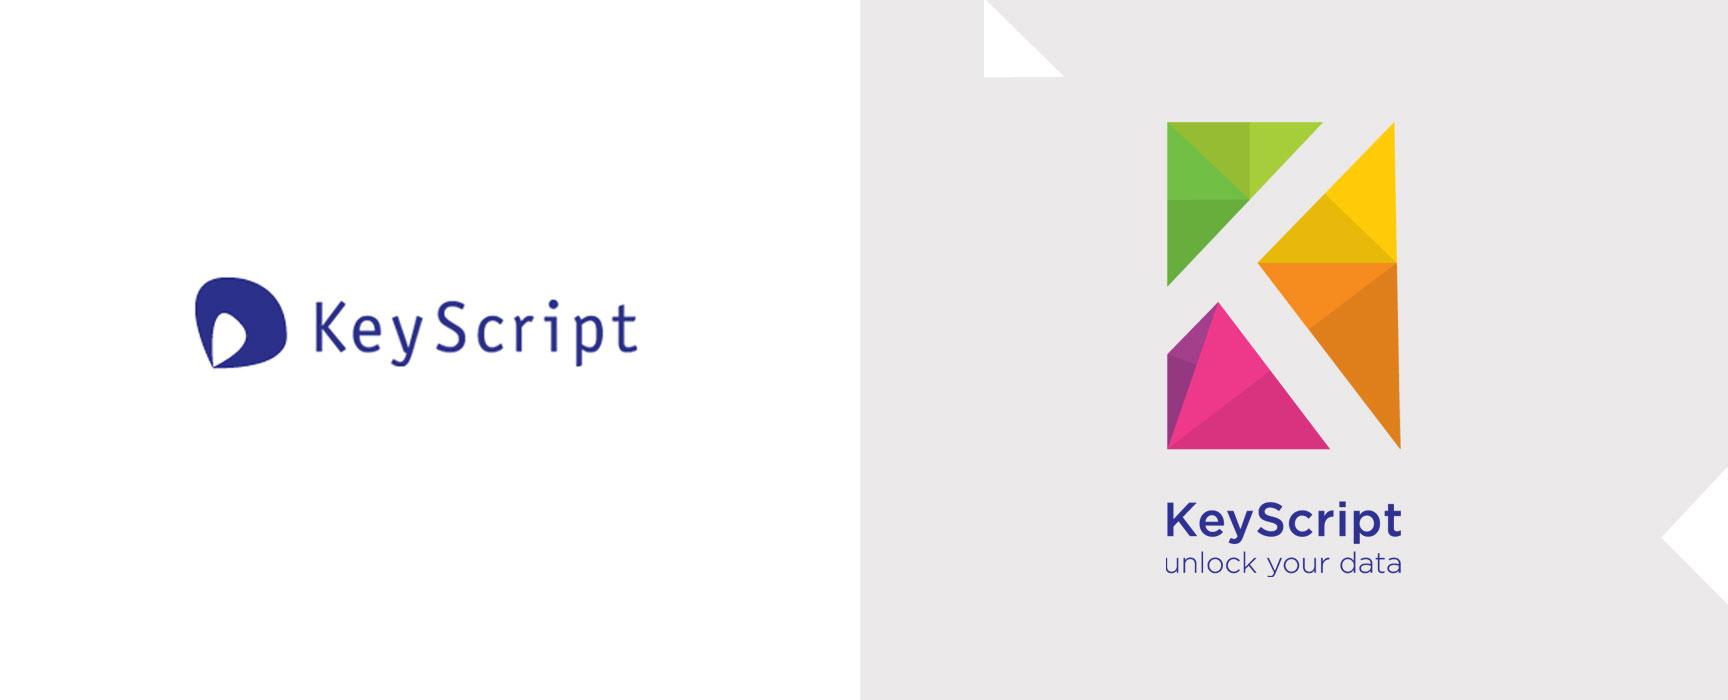 Studio-Broodnodig-keyscript-restyle-huisstijl-voor-en-na